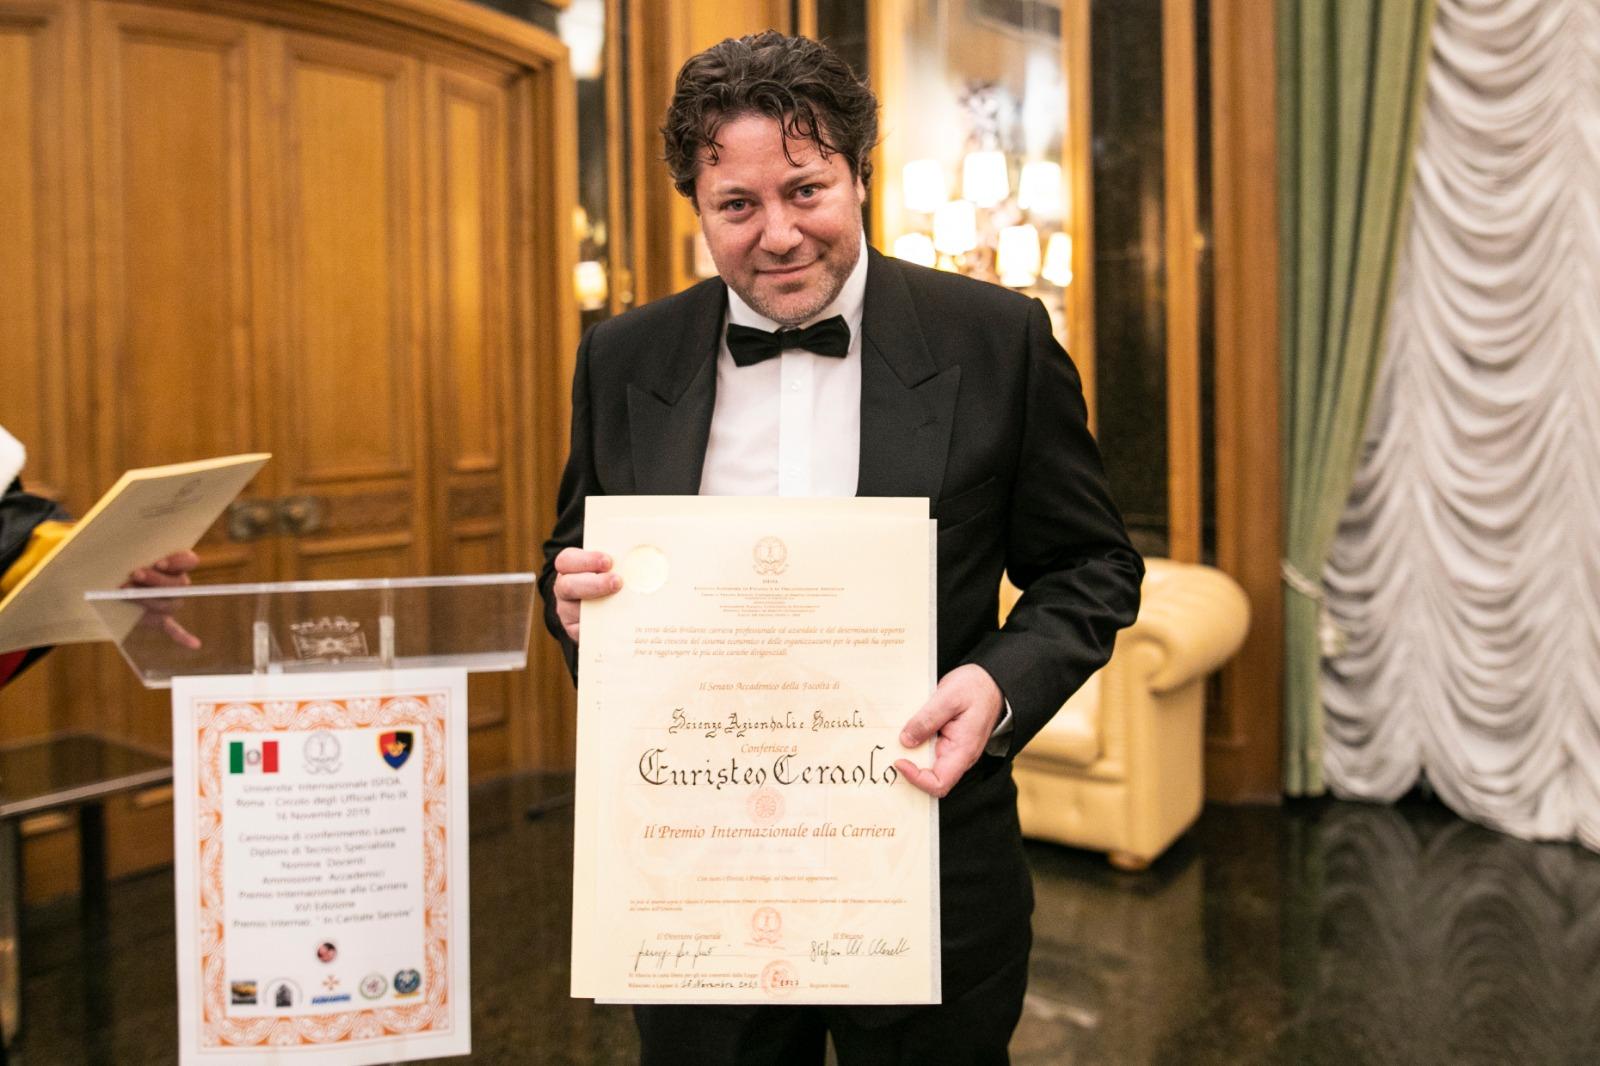 Ad Euristeo Ceraolo il XVI Premio Internazionale ISFOA alla Carriera e il sociale